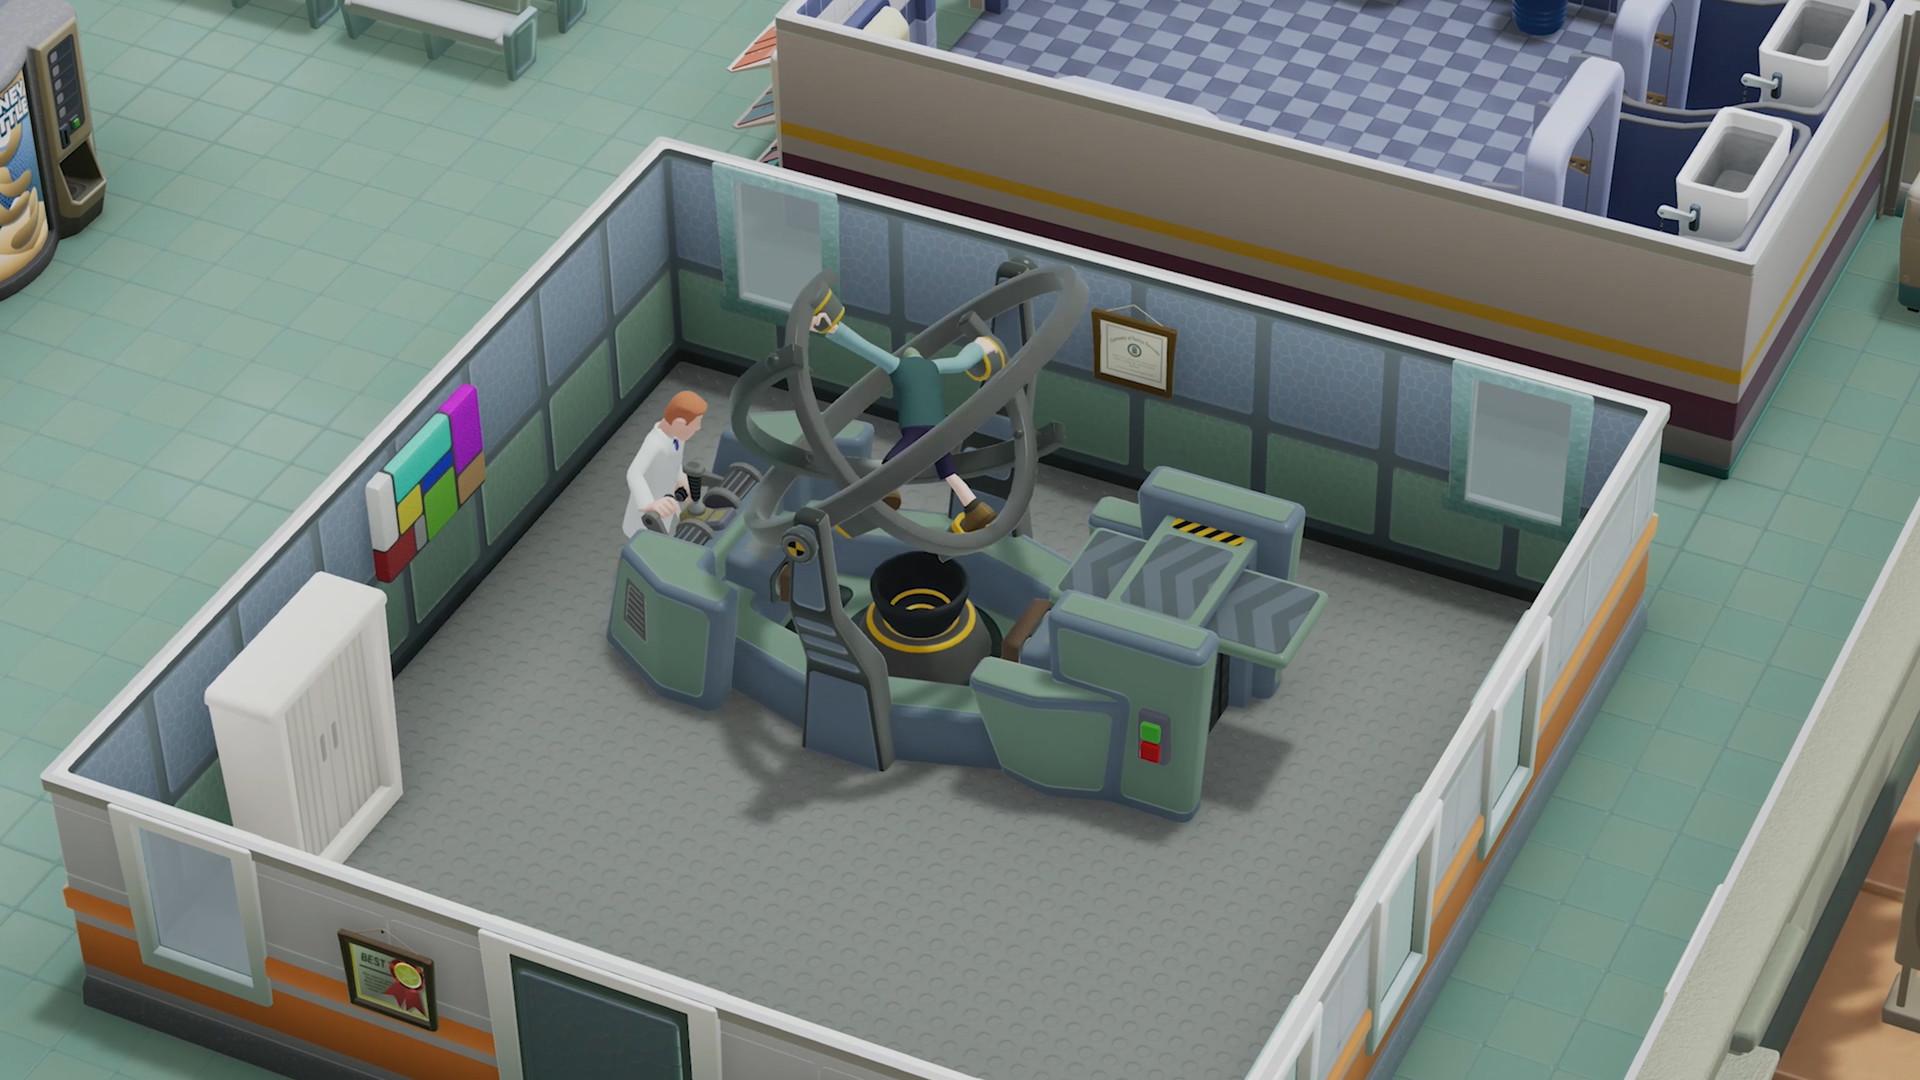 双点医院v1.23.64433_模拟经营医院_更新版本